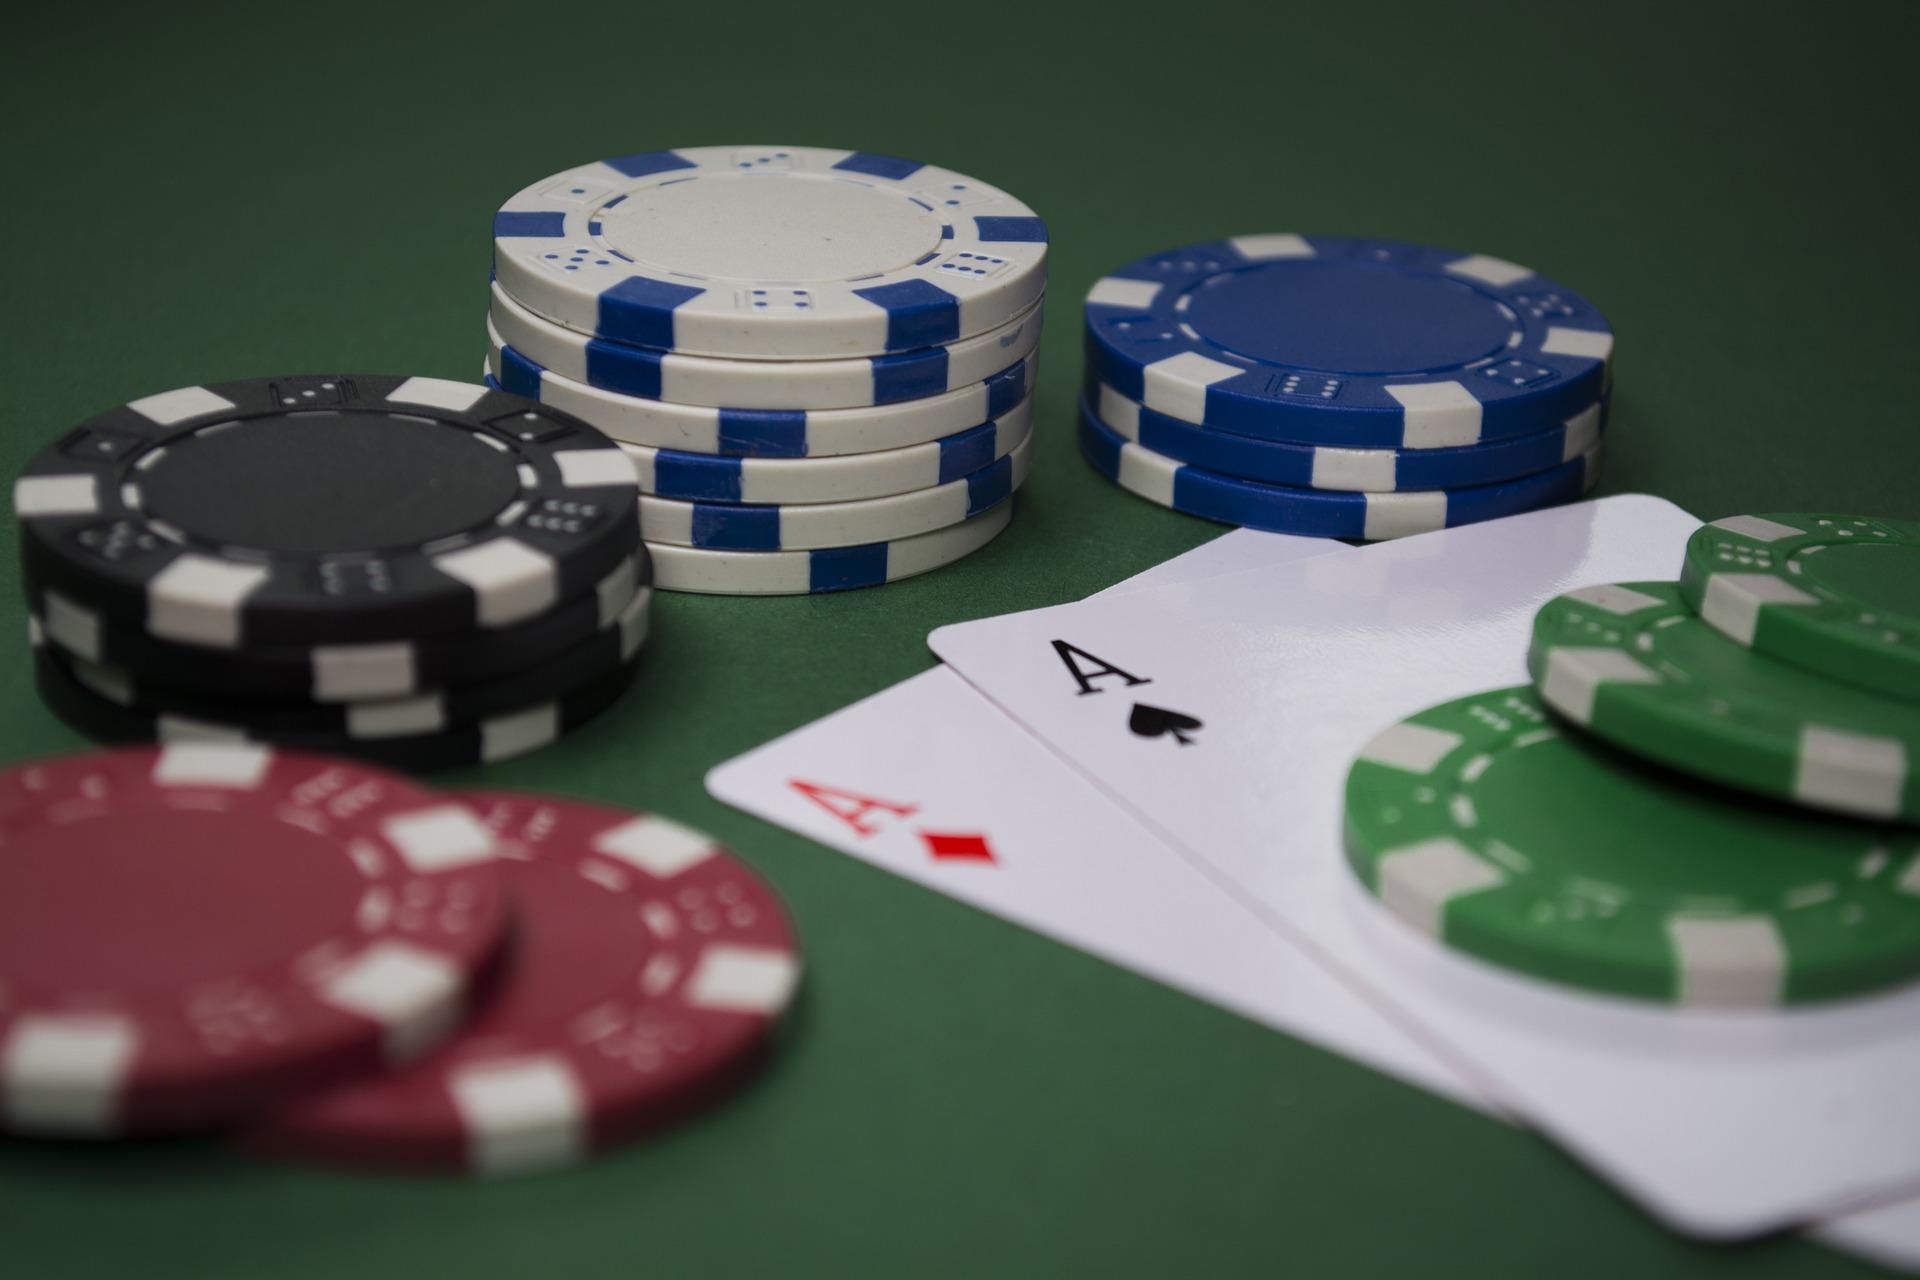 Der selbst gebaute Pokertisch auf baumarktblog24.de